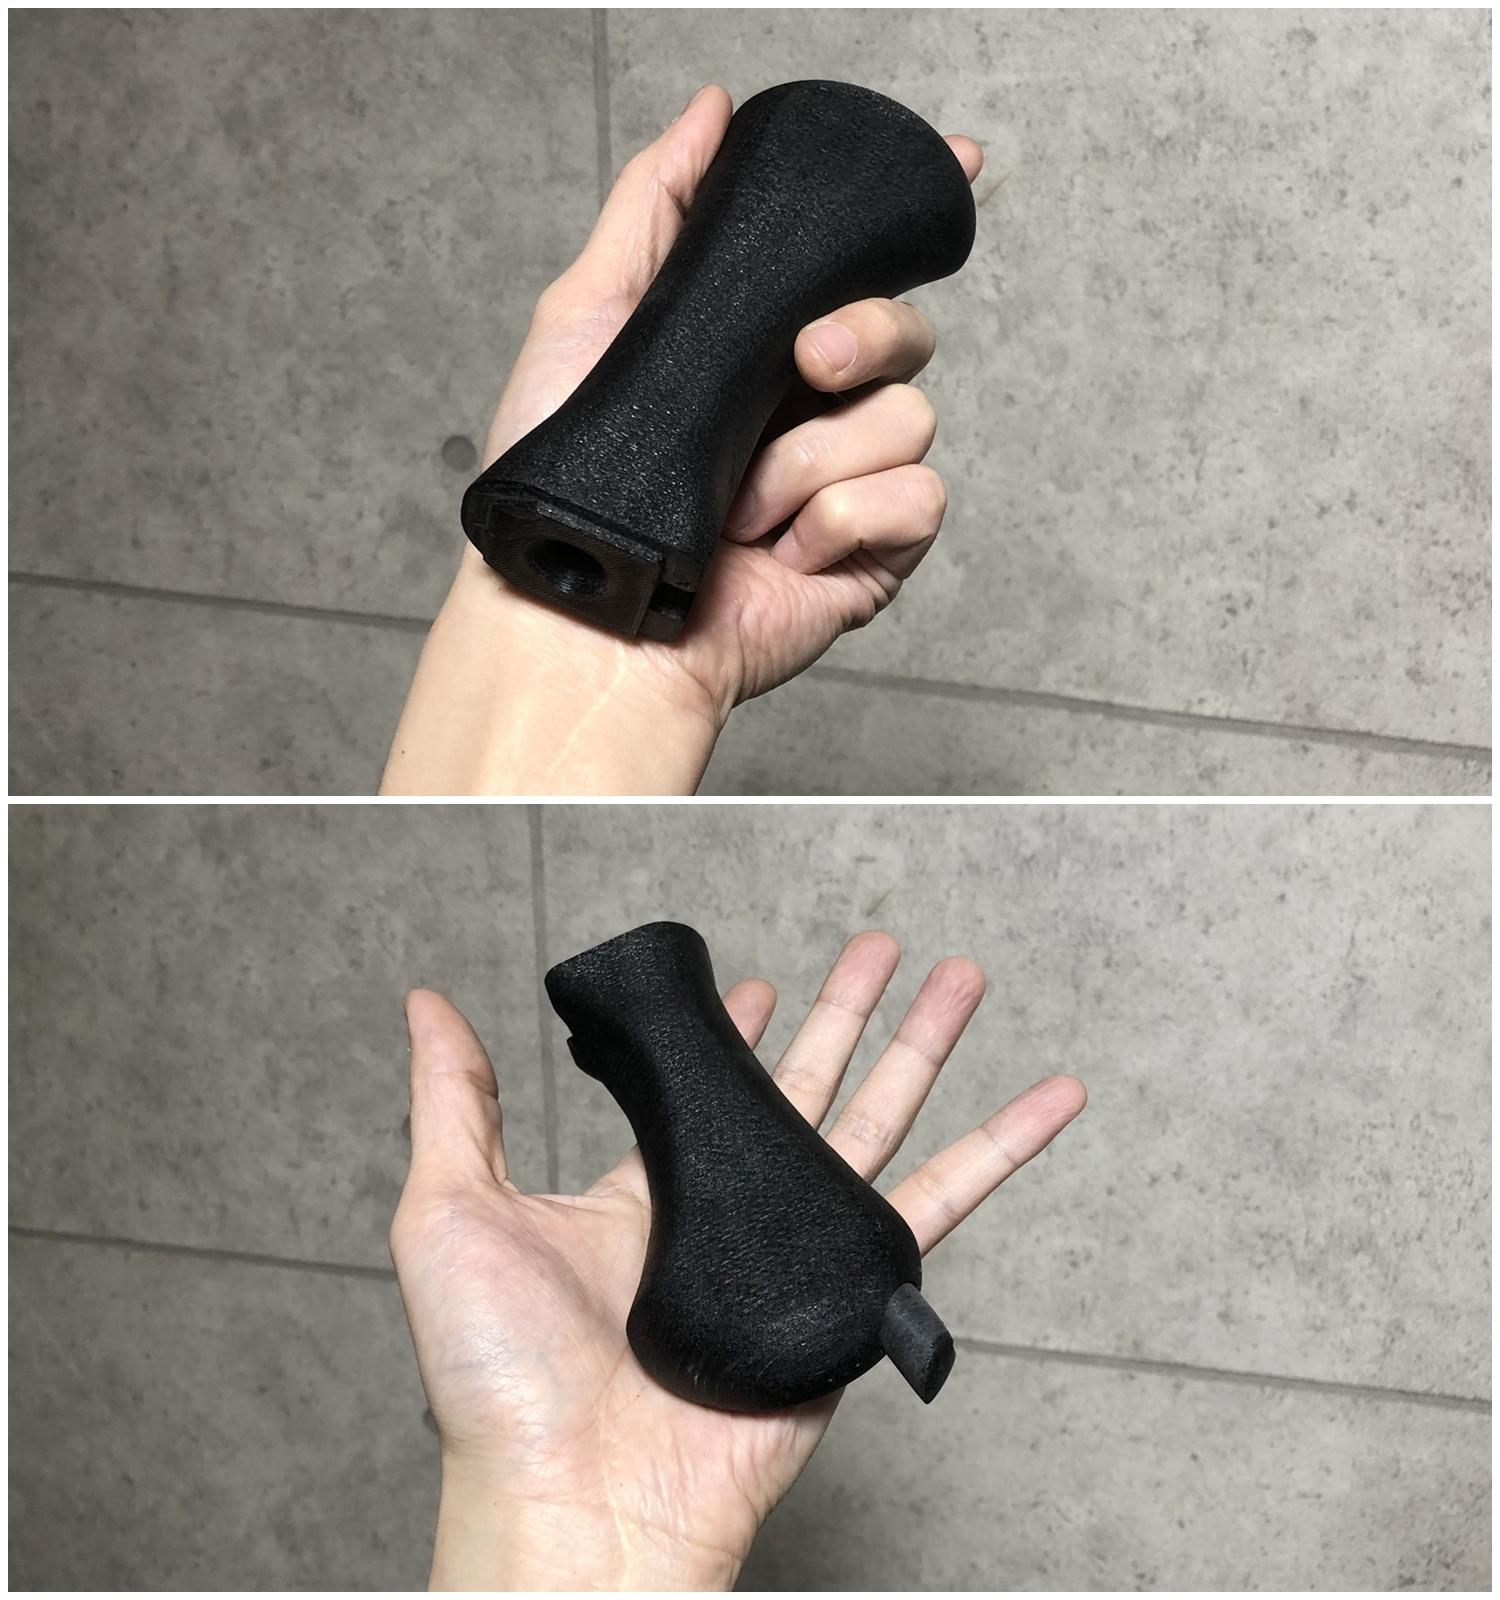 8 マルゼン CA870 HILOG オリジナル ラプターグリップ 3D 強化版 & スリングアダプター!! CA870 カスタム続編!! 改造計画 第三弾の巻!!